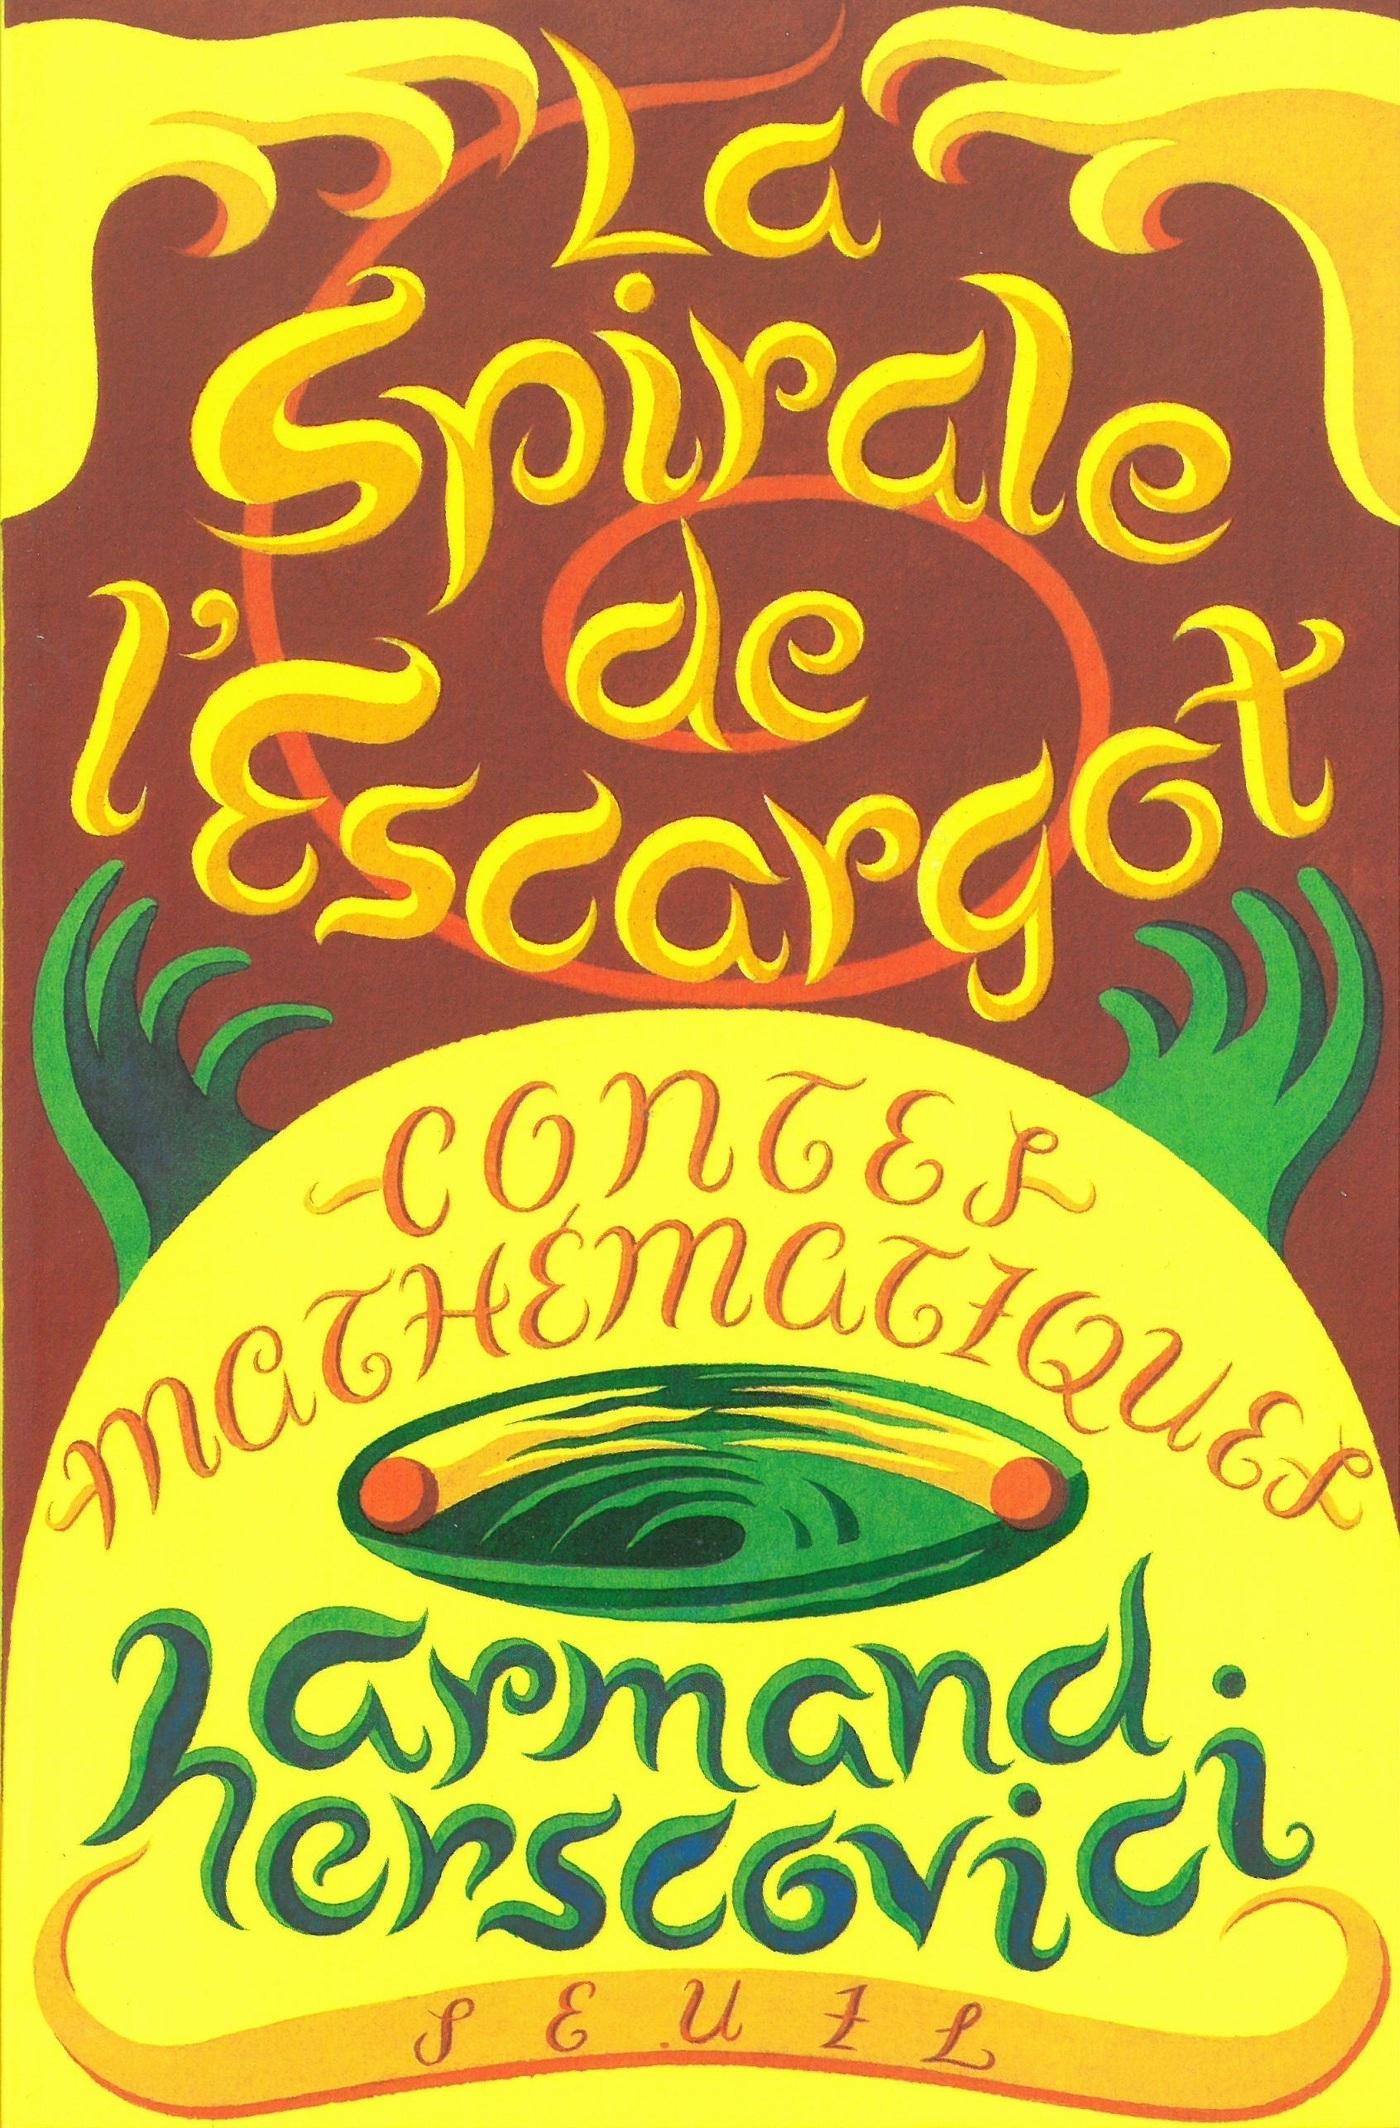 La Spirale de l'escargot. Contes mathématiques